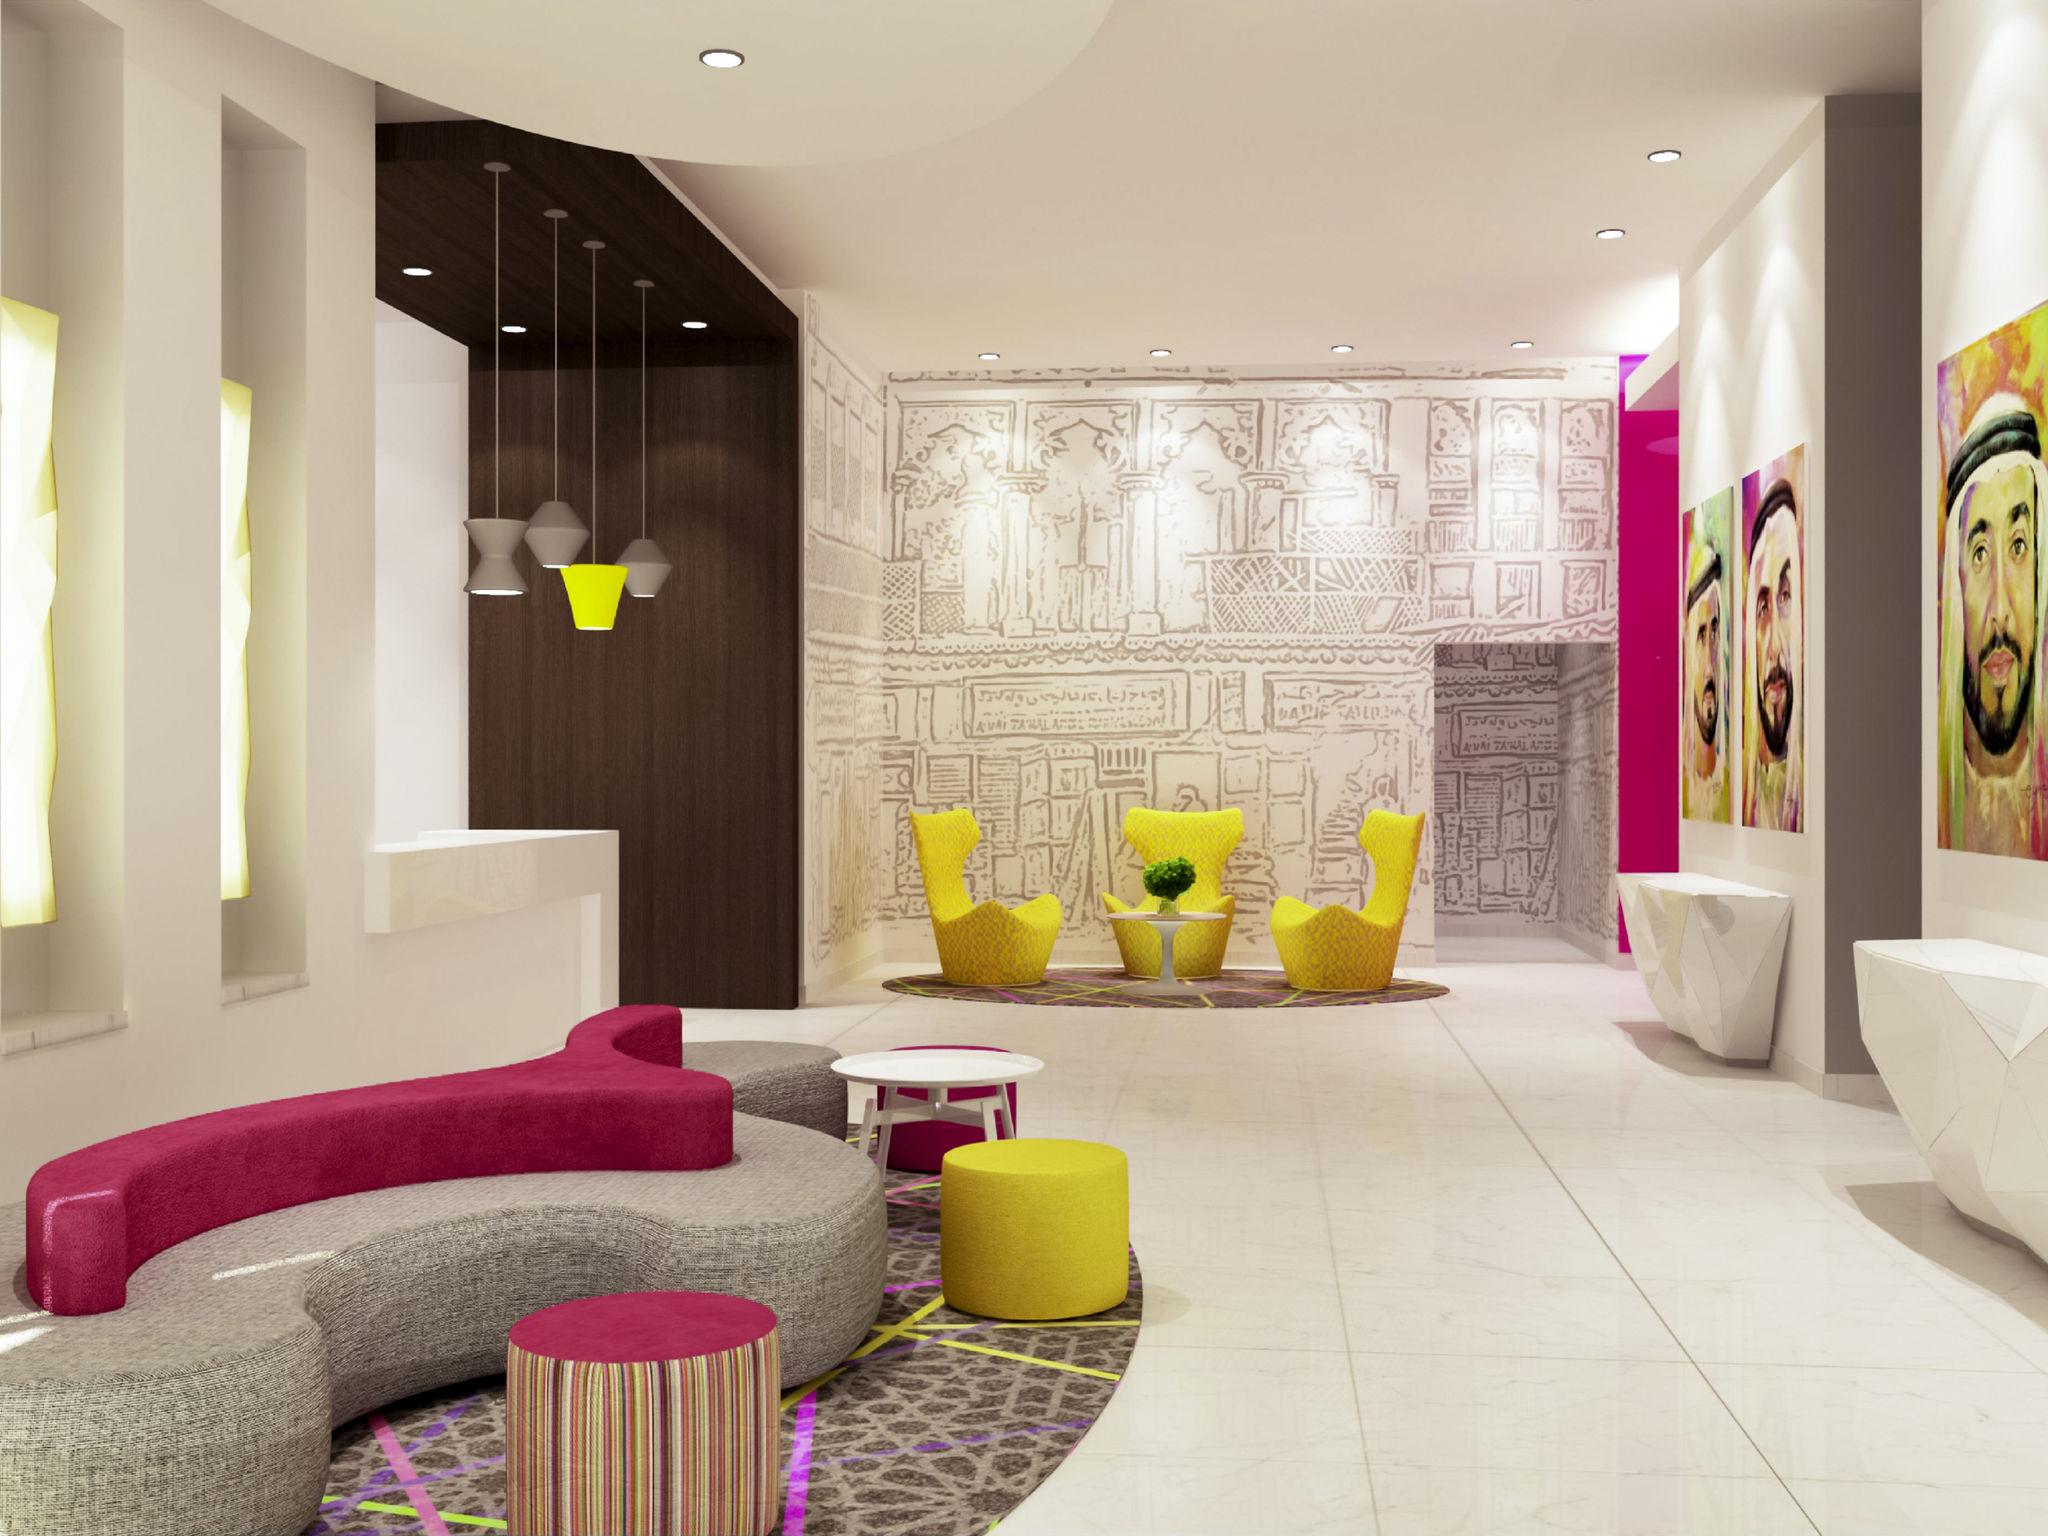 Hotel – Al Majaz Hotel Sharjah gerido pela AccorHotels